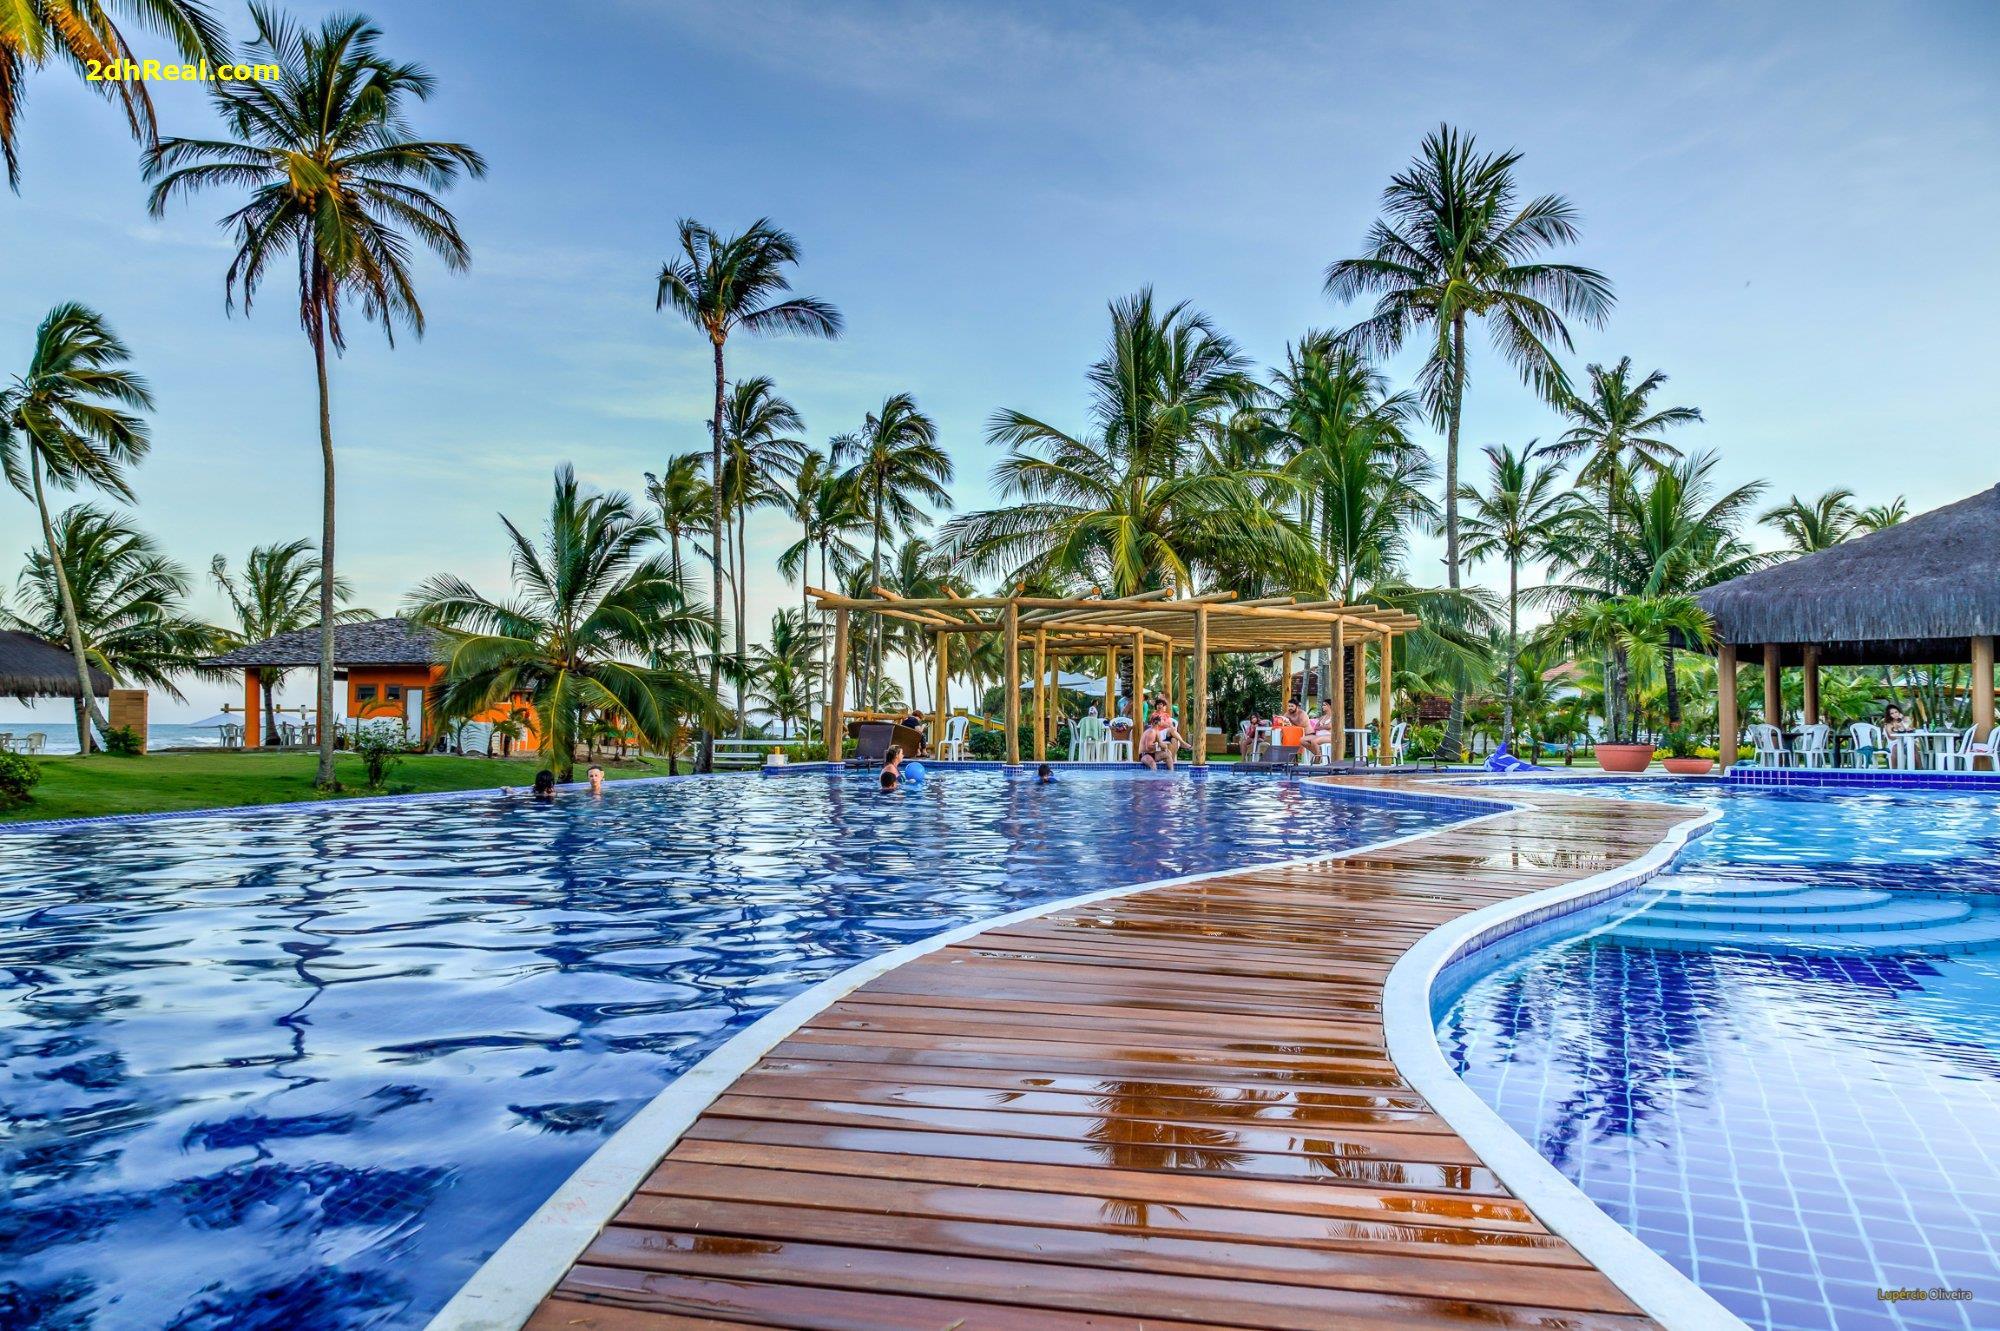 Bán Resort 5 sao 2,3 hecta tại Huyện Phú, Tỉnh Kiên Giang